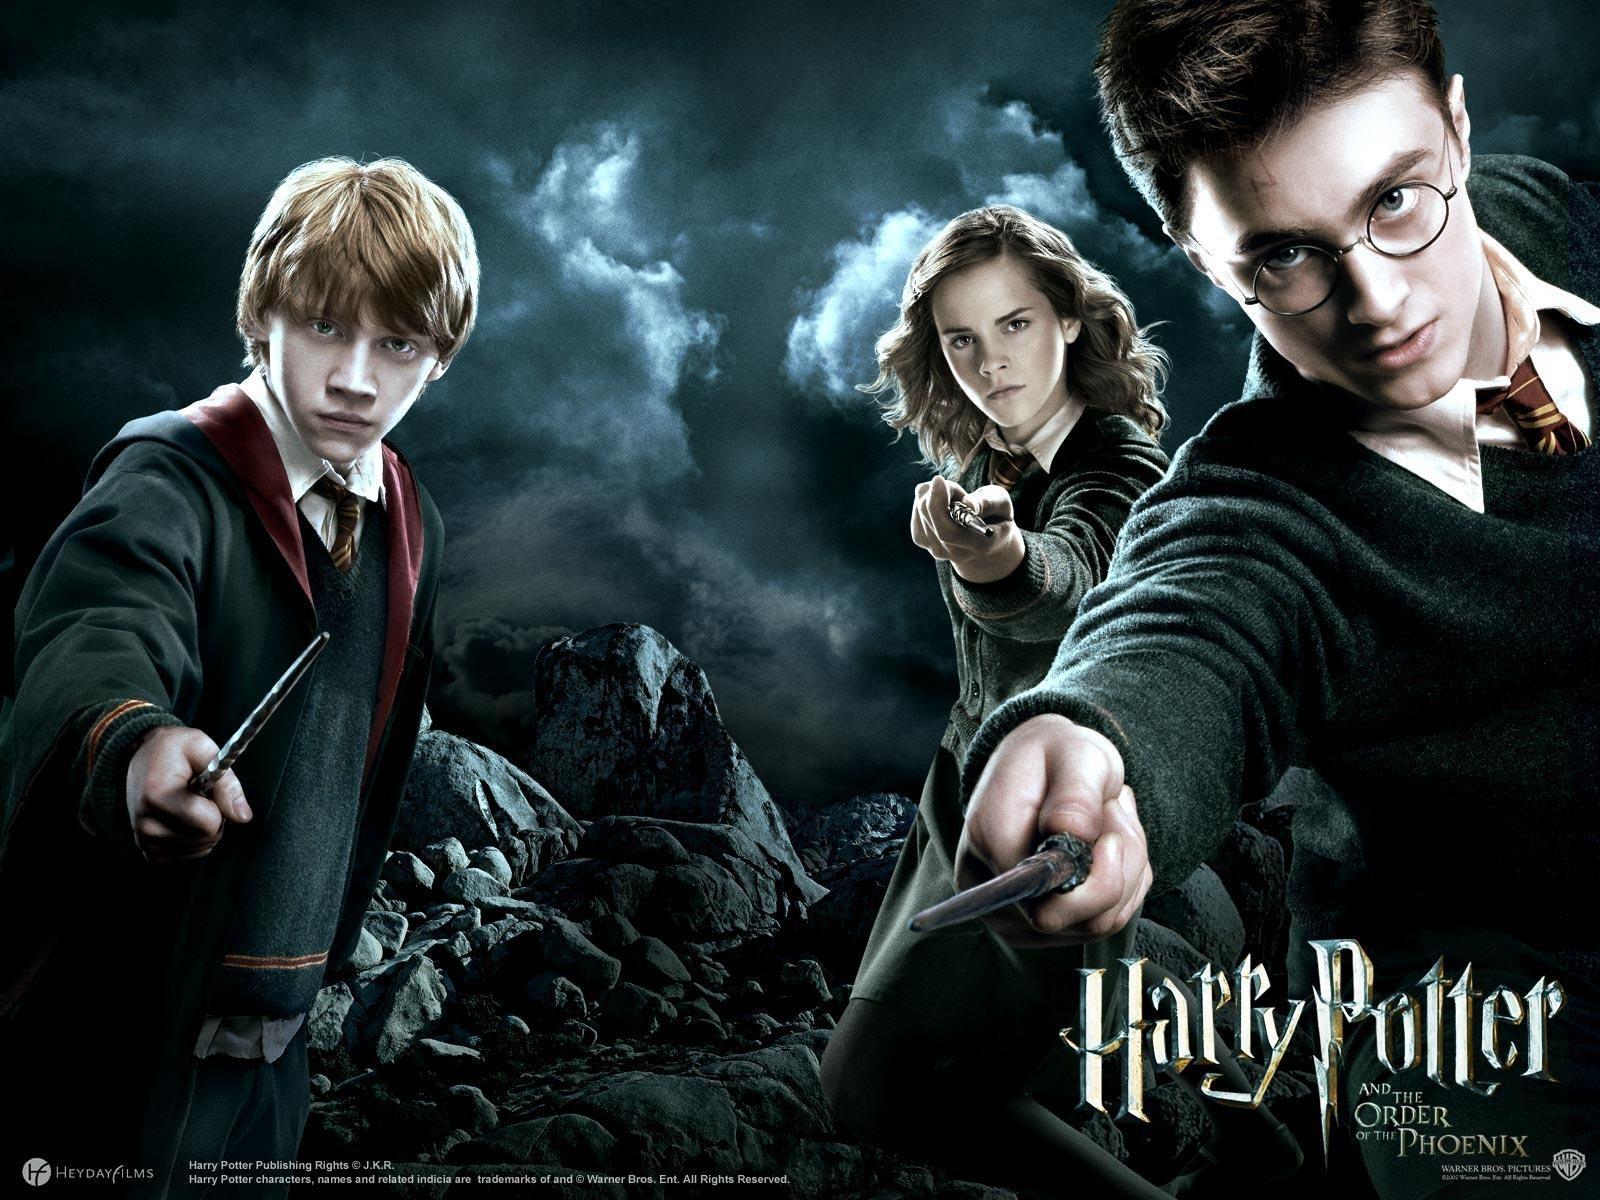 http://1.bp.blogspot.com/_R49wOxKAaNo/S-pqC9XNXnI/AAAAAAAAE7U/y5m_I_7xZeg/s1600/Harry-Potter-Wallpapers-26.jpg